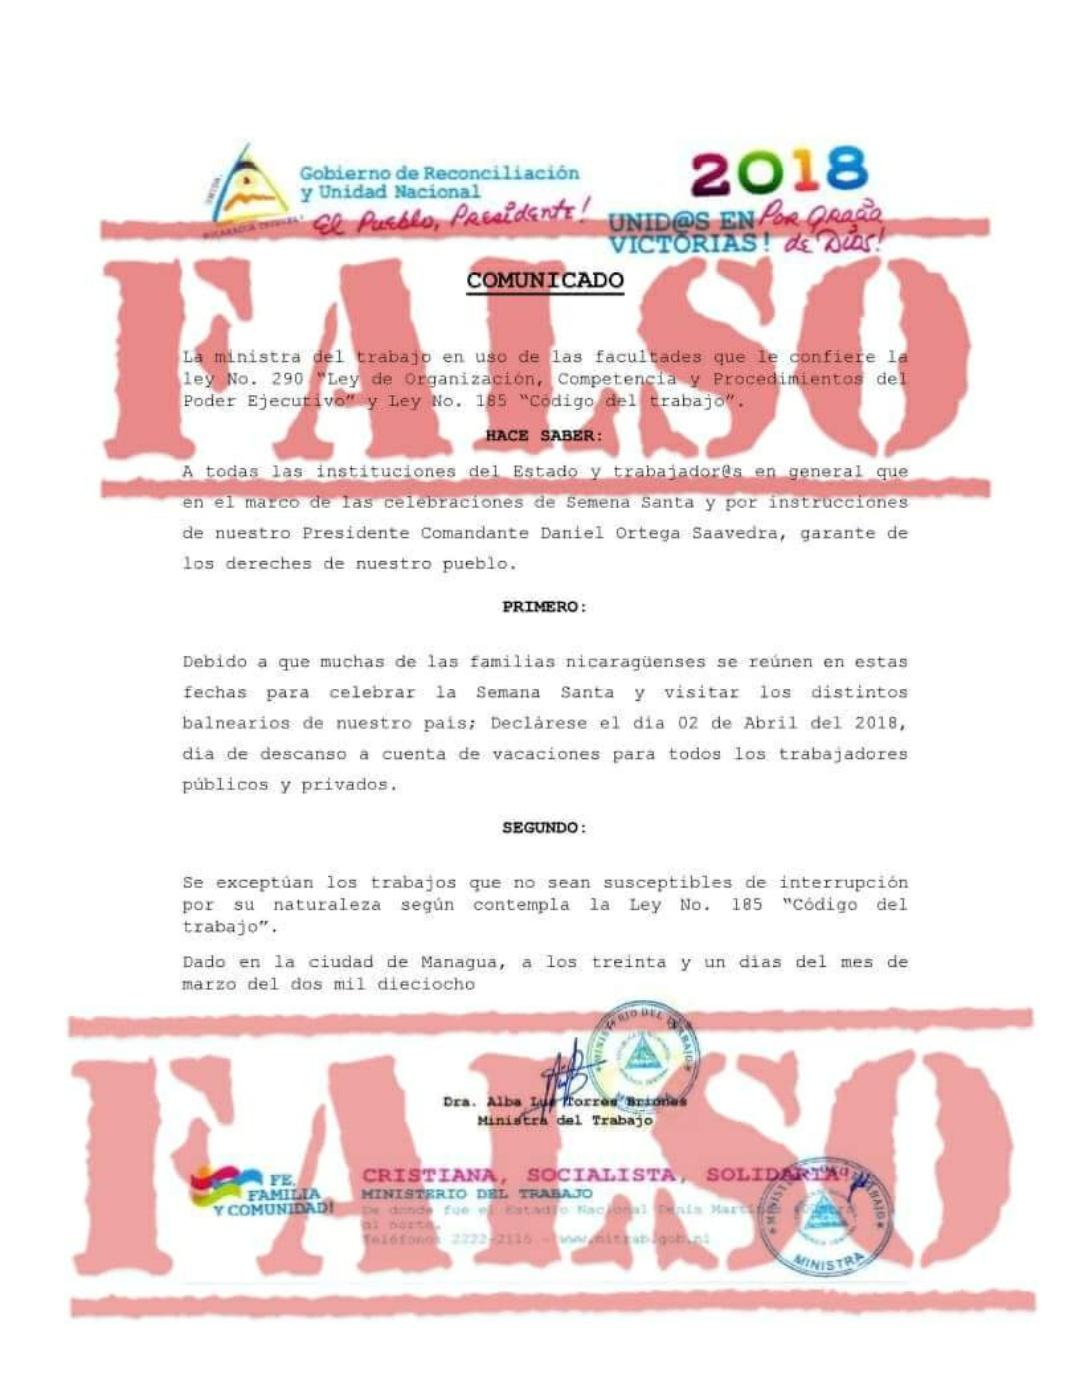 Ministerio del Trabajo desmiente supuesto falso comunicado